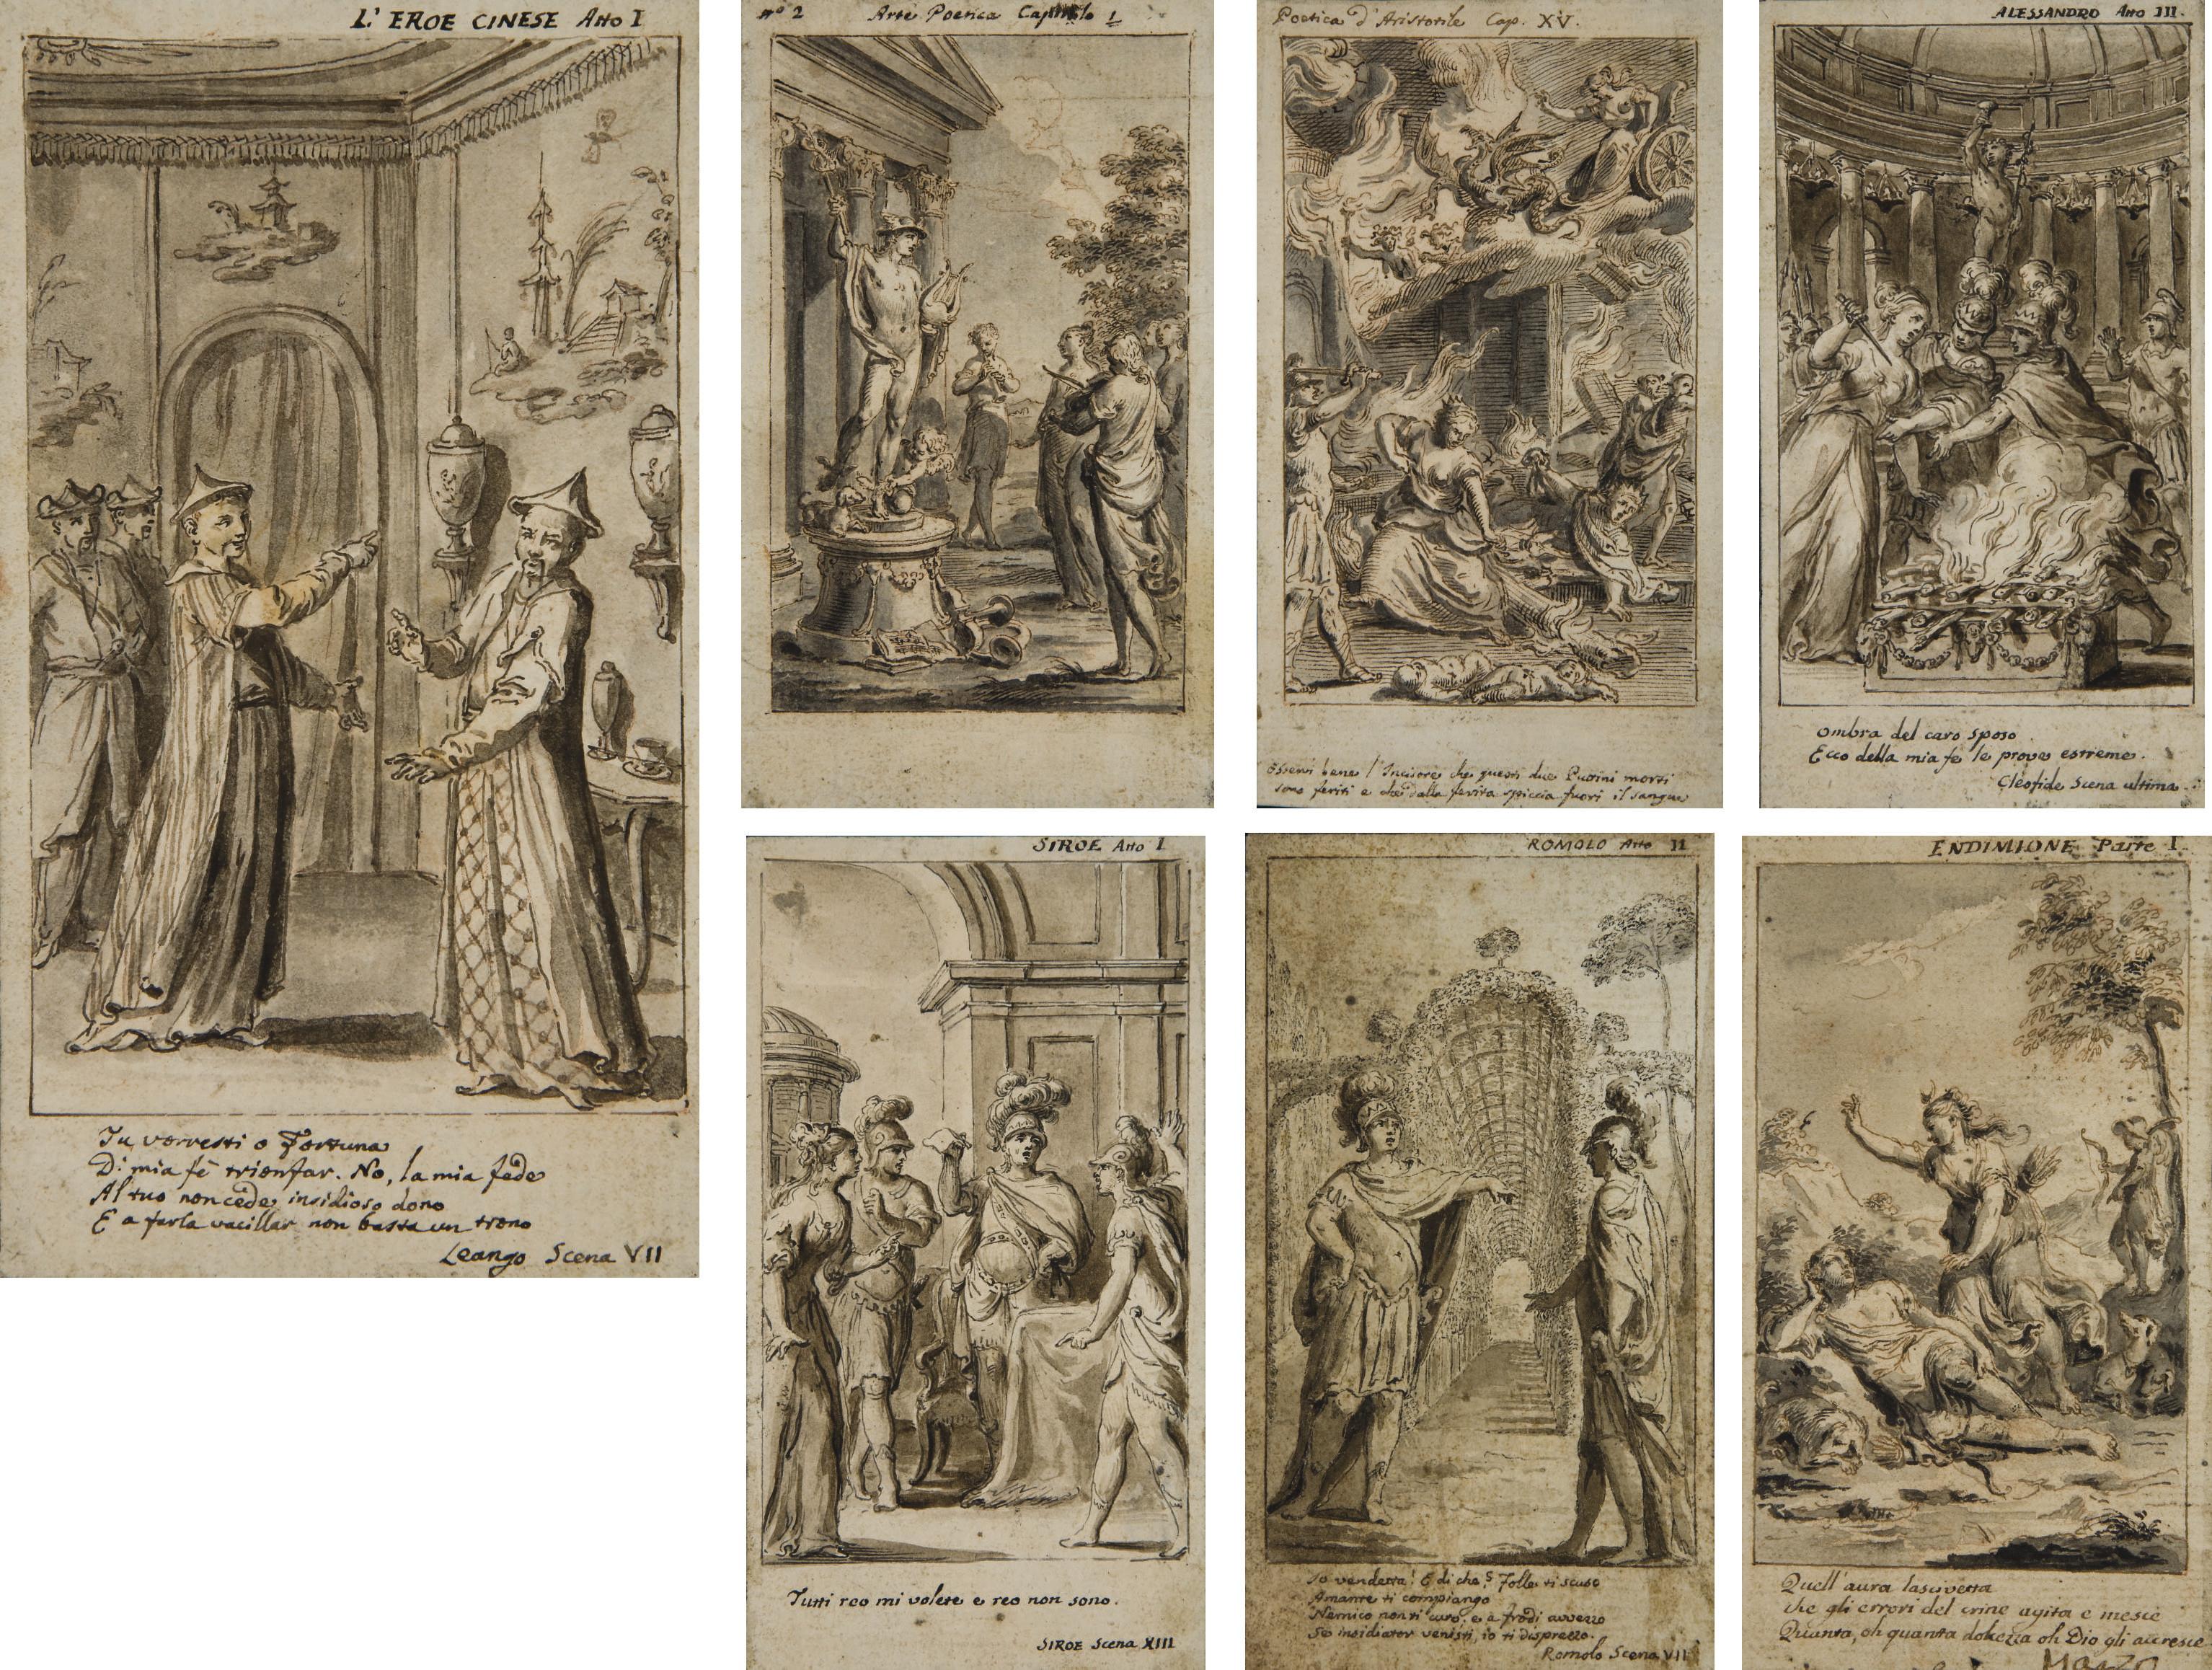 Suite de trente et un dessins pour les illustrations des Opere de Pietro Metastasio